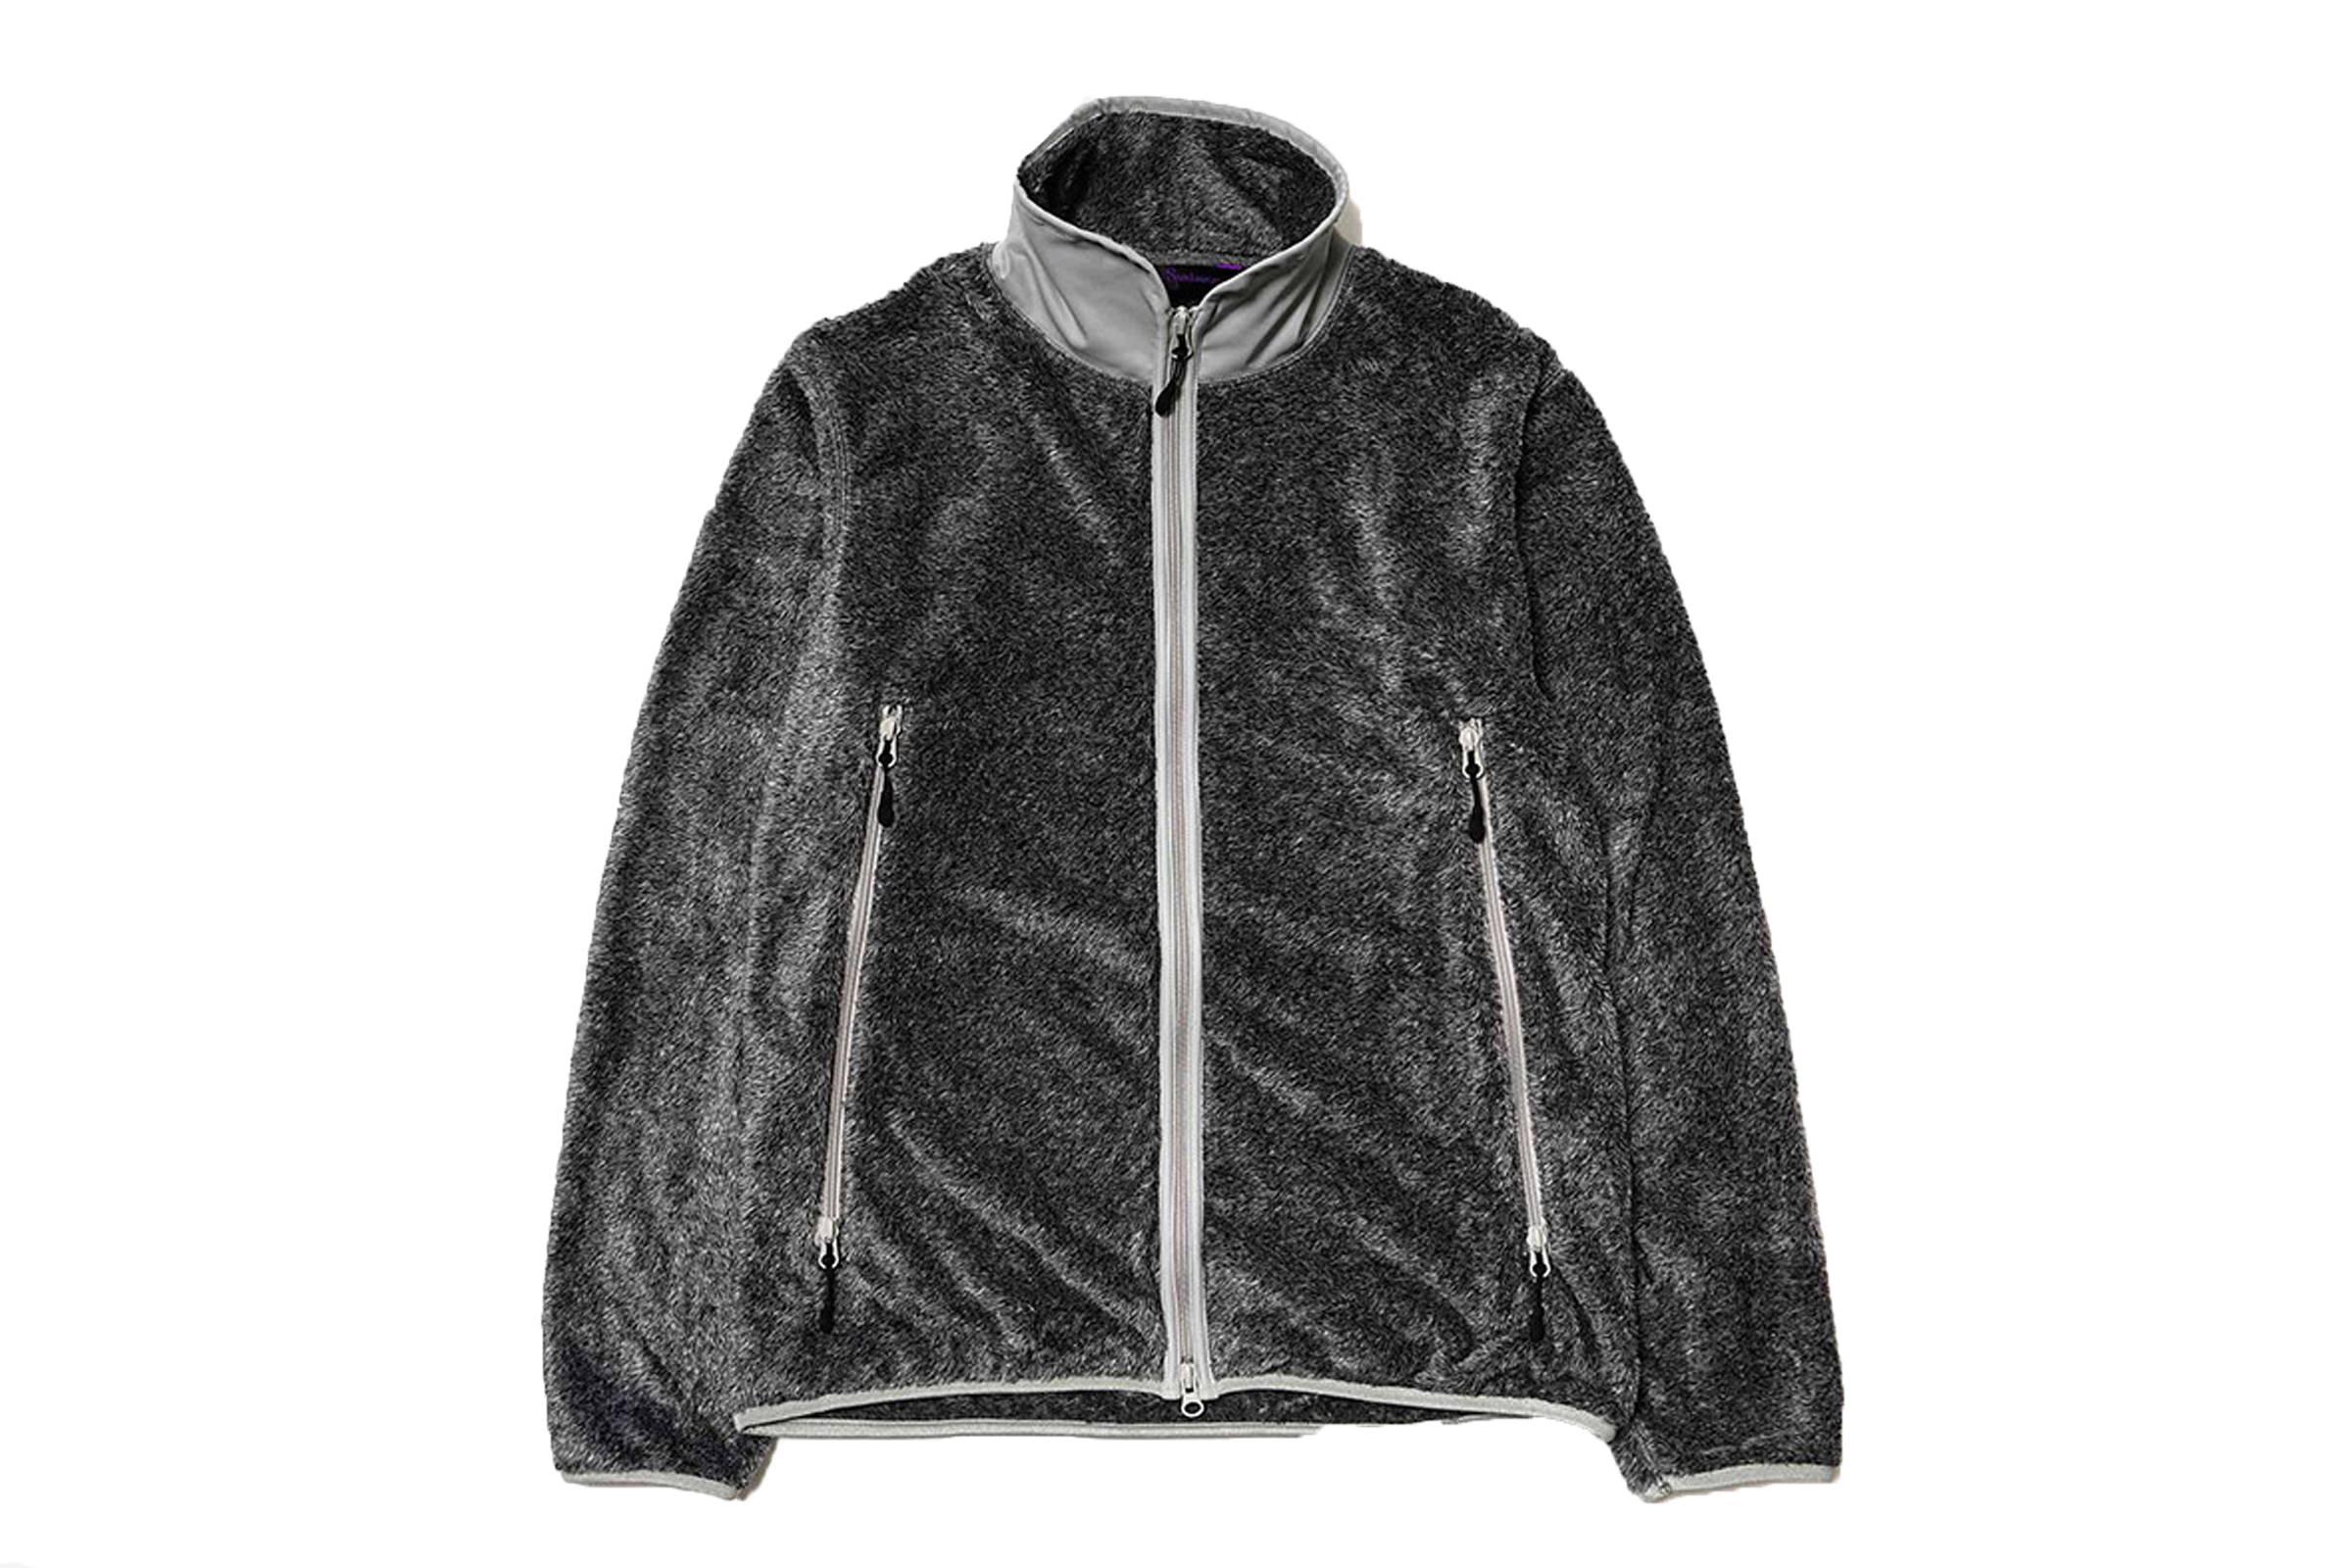 Needles Micro Fleece Jacket